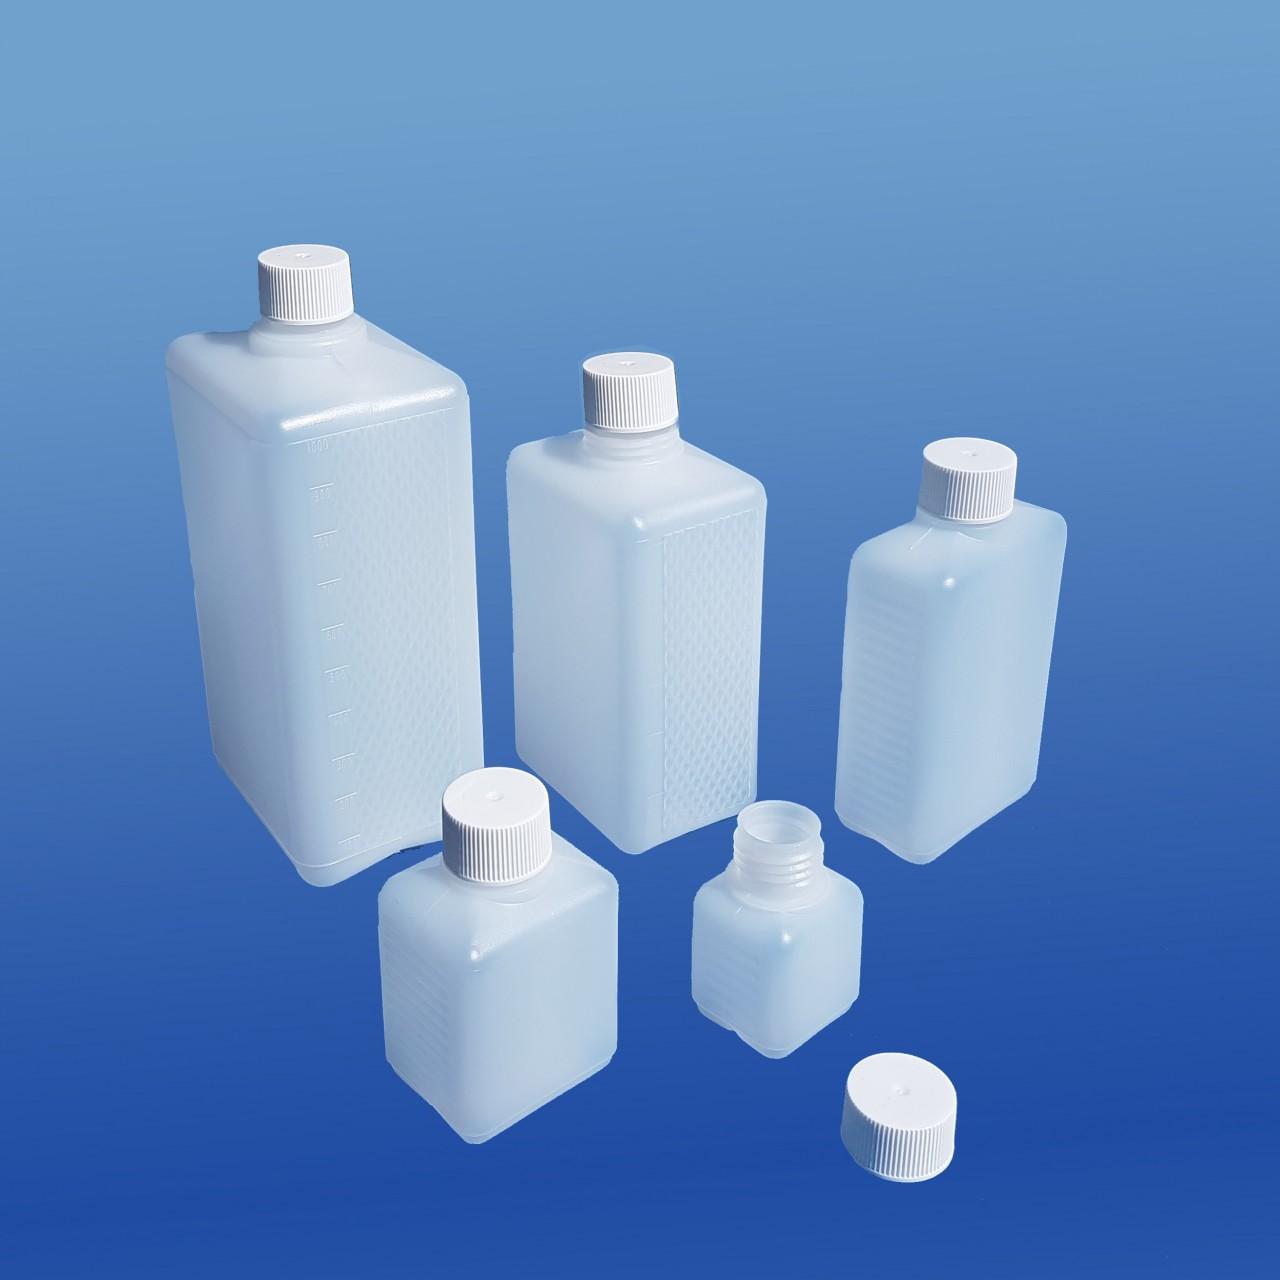 Viereck-Flaschen 50 - 1000 ml |mit Schraubverschluss